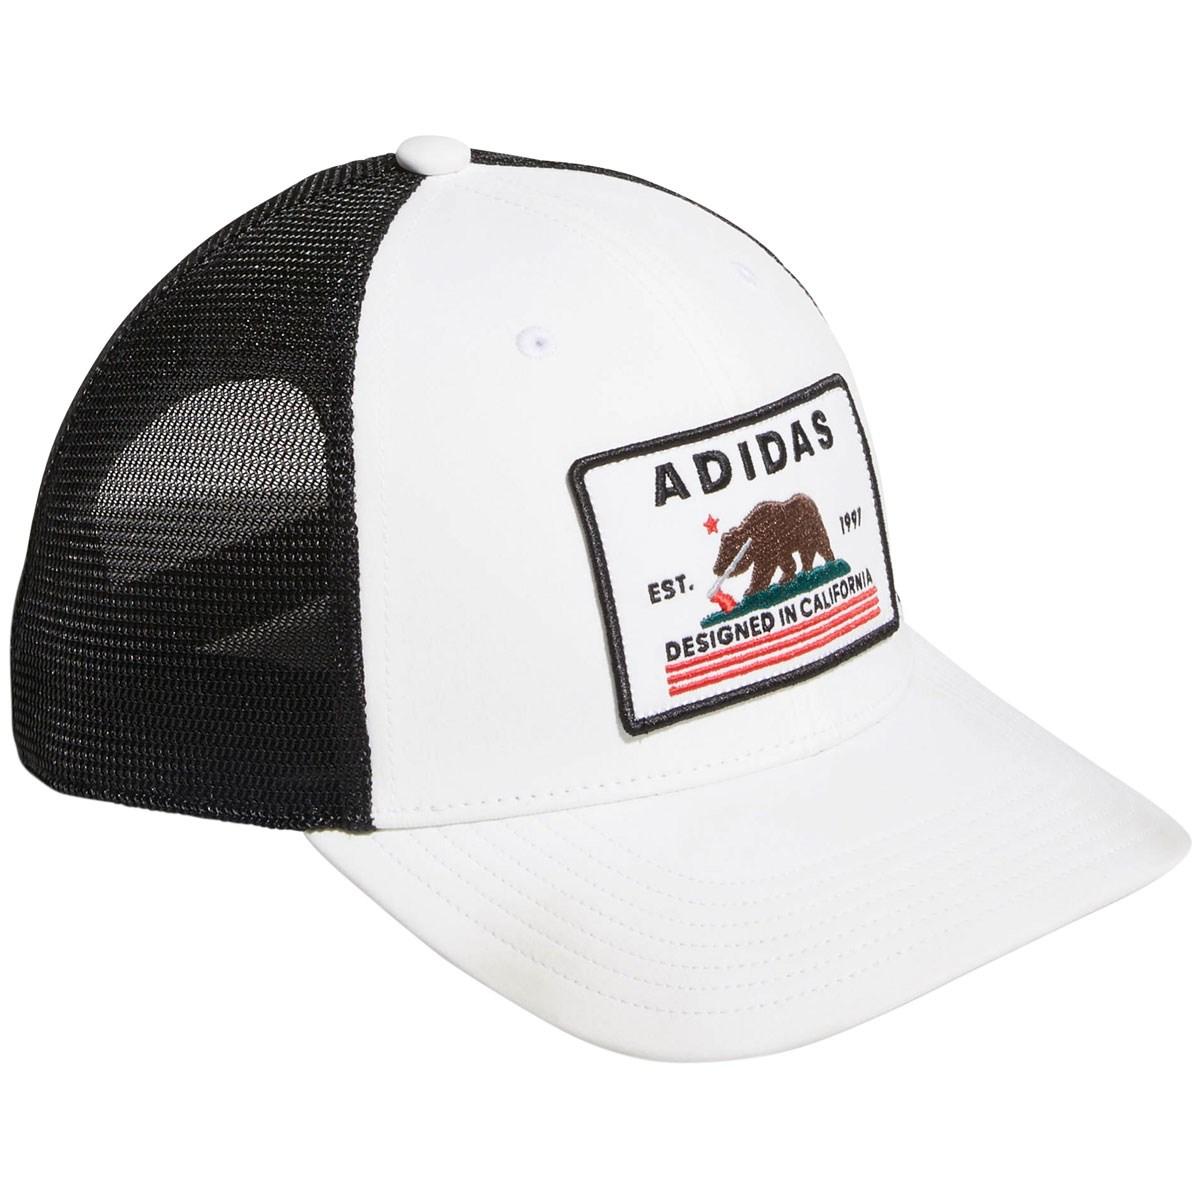 アディダス(adidas) ベアートラッカーキャップ